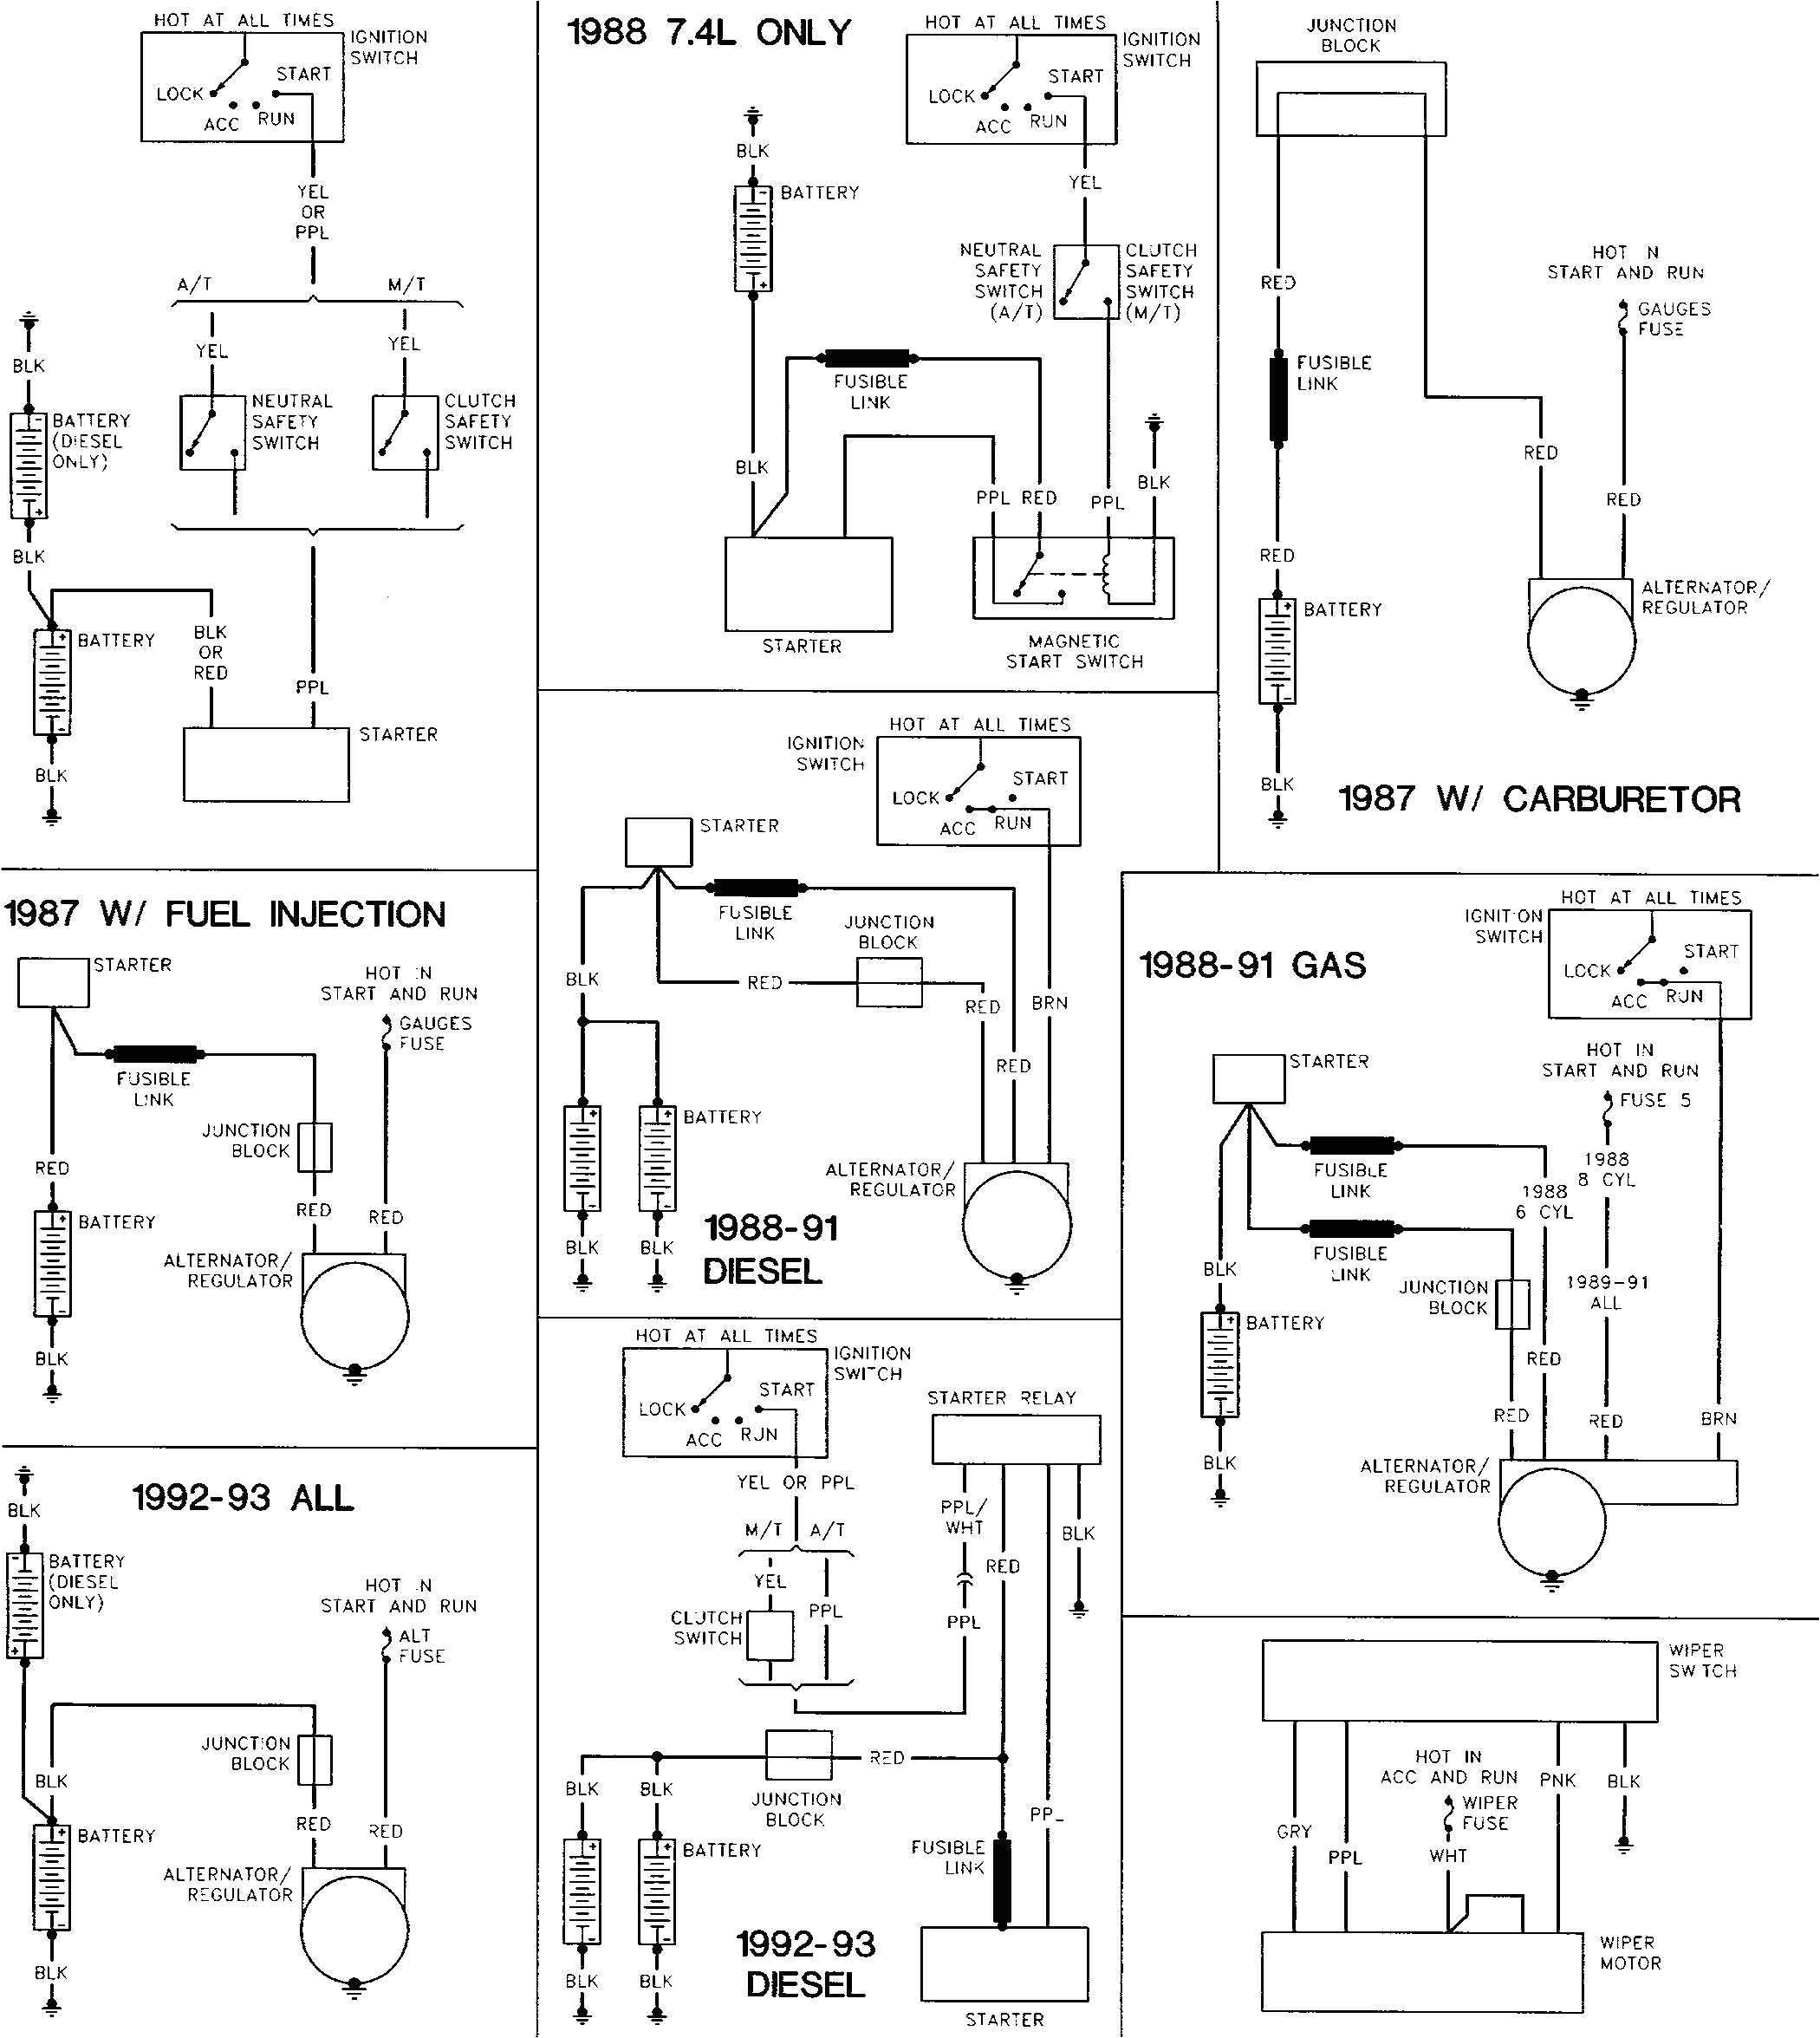 1987 holiday rambler wiring diagram wiring diagram expert 1983 holiday rambler wiring diagram